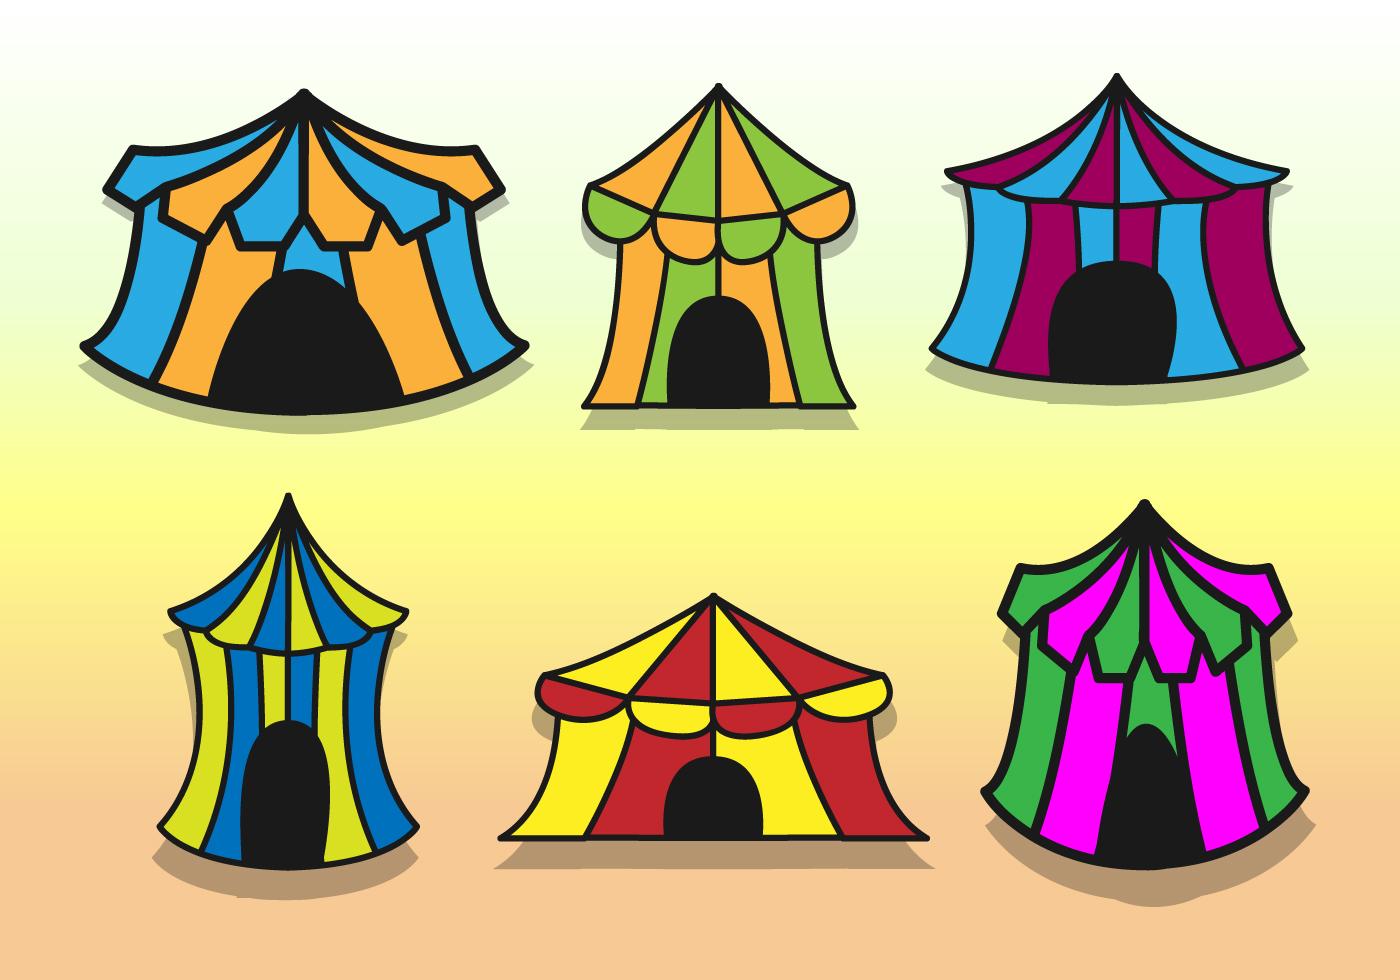 Big Top Circus Tent Vectors - Download Free Vector Art ...